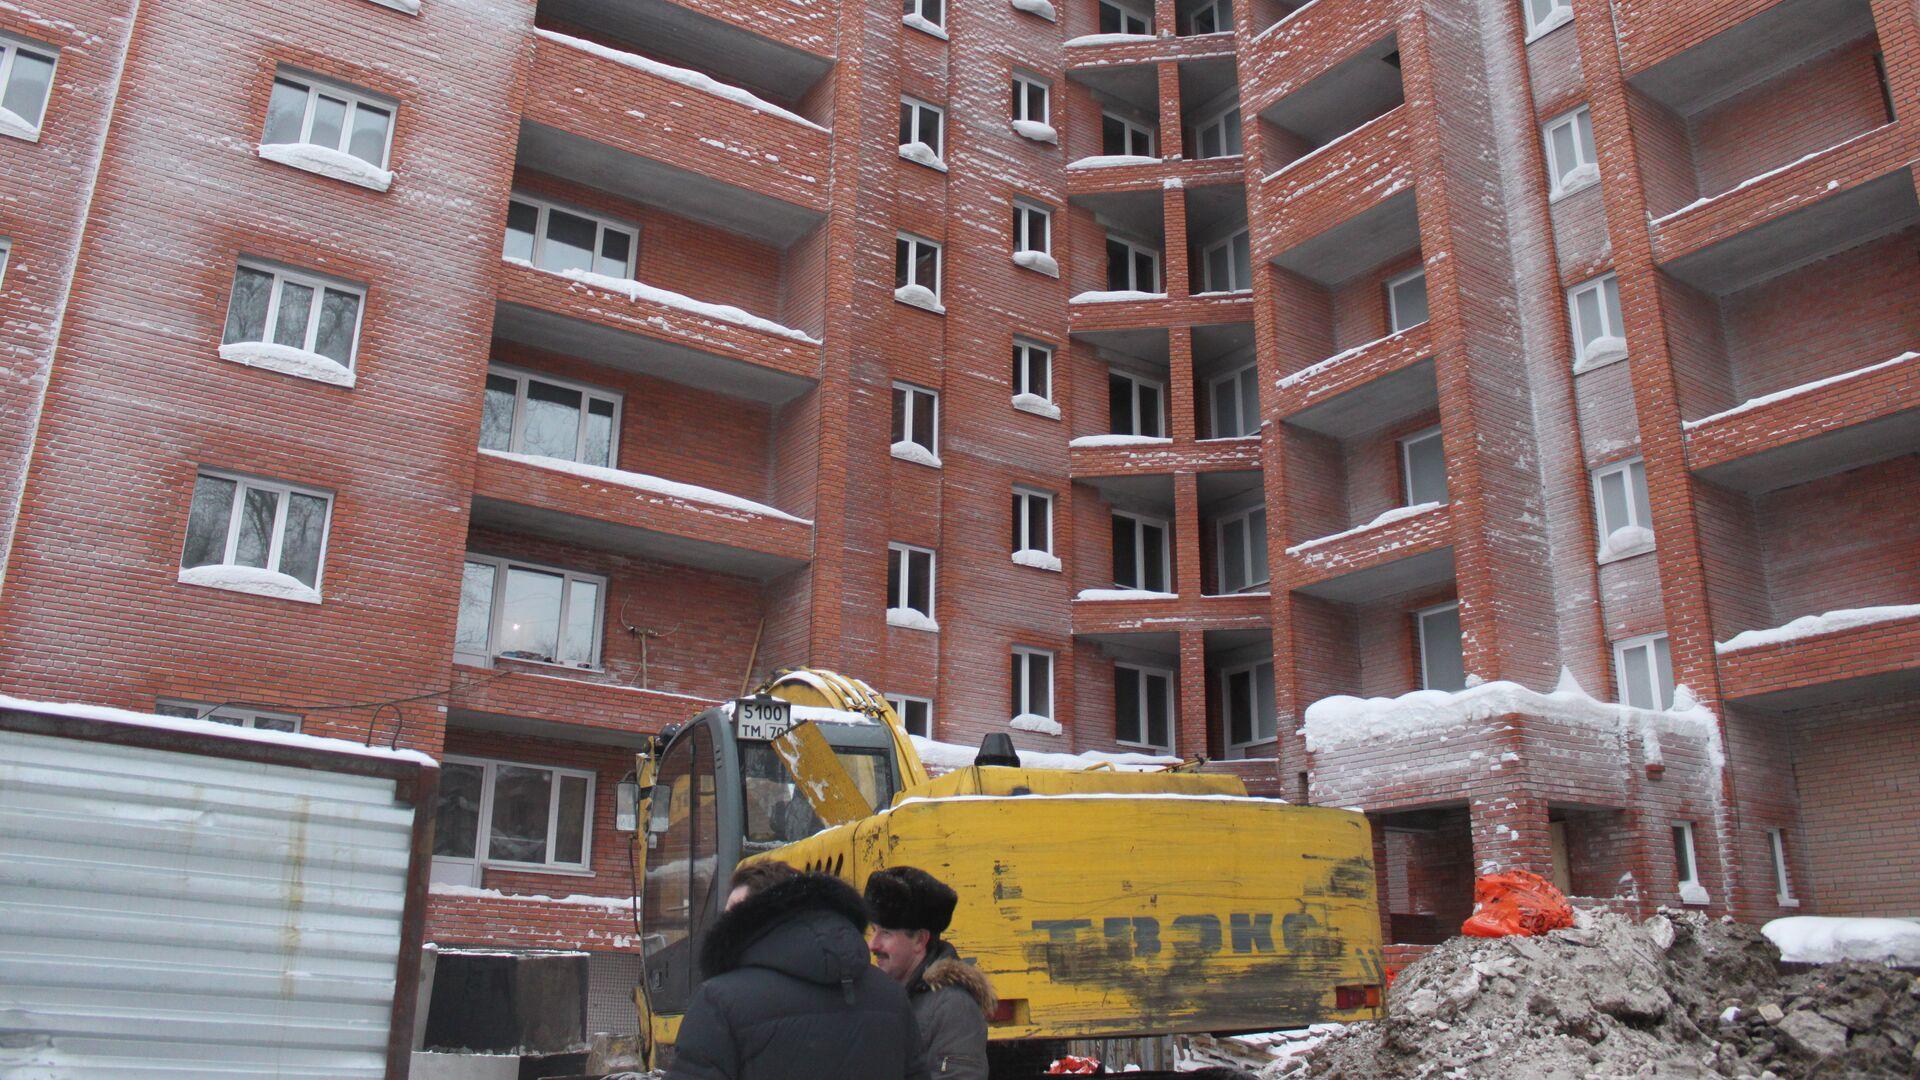 Строительство жилого дома - РИА Новости, 1920, 16.12.2020